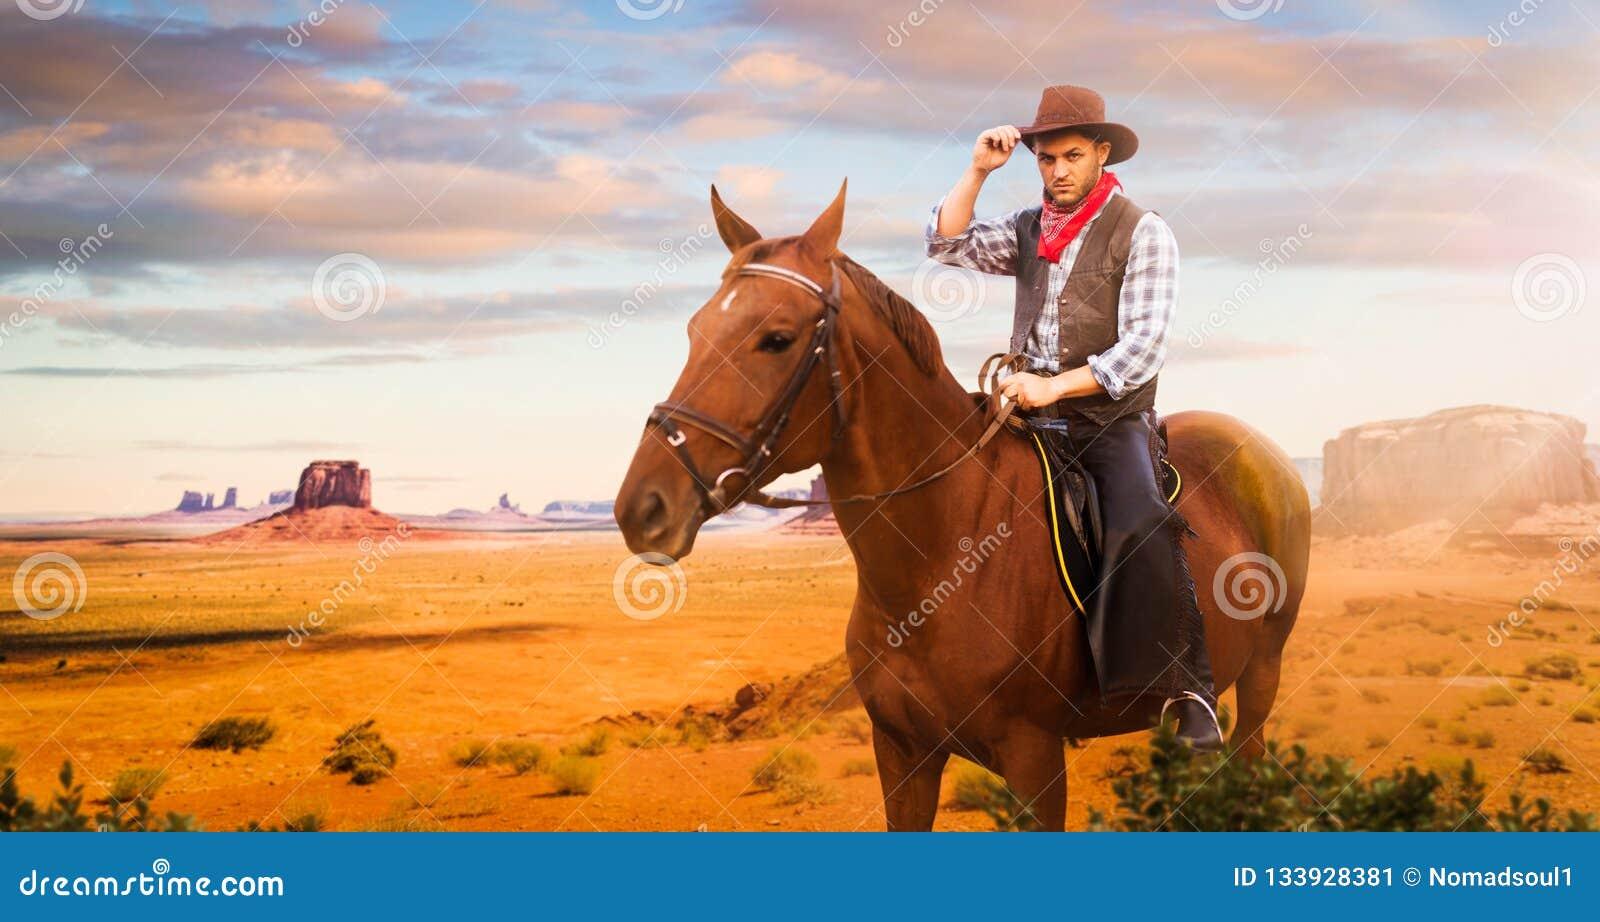 Vaquero que monta un caballo en el valle del desierto, occidental